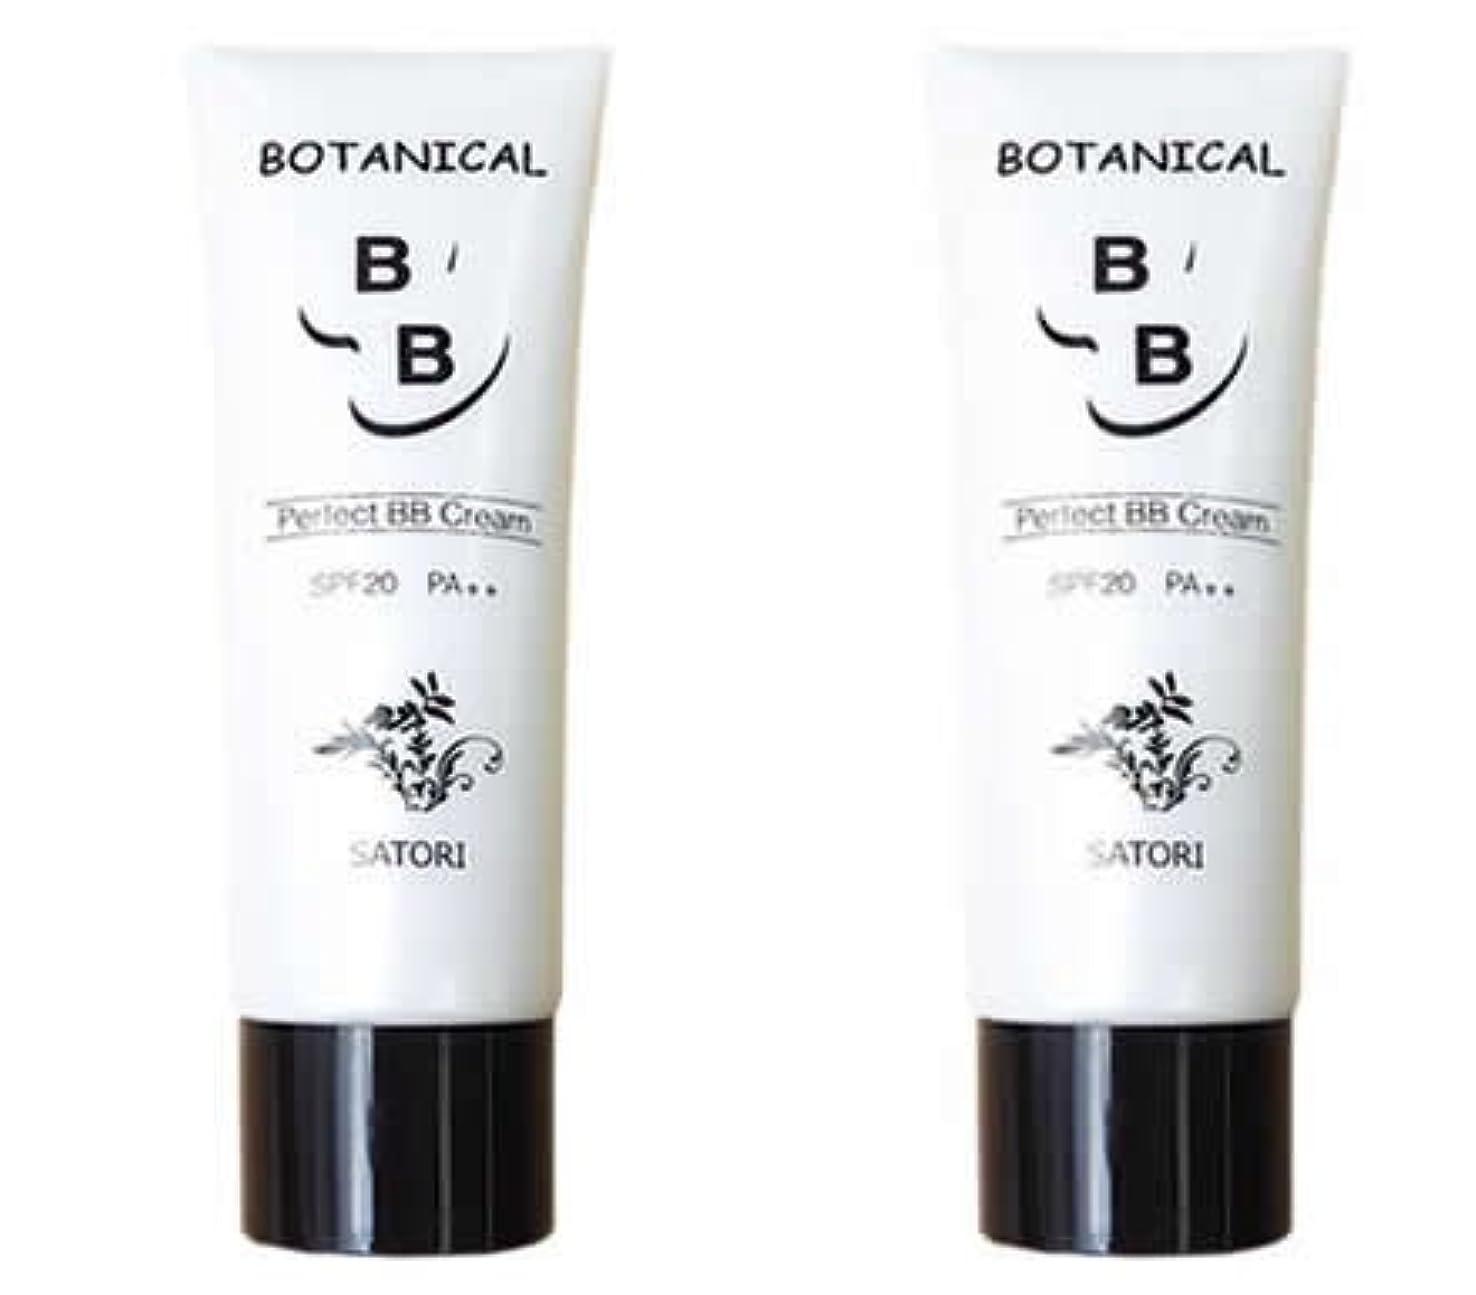 ベールトークンサンダースSATORI BOTANICAL BB クリーム 50g×2本セット